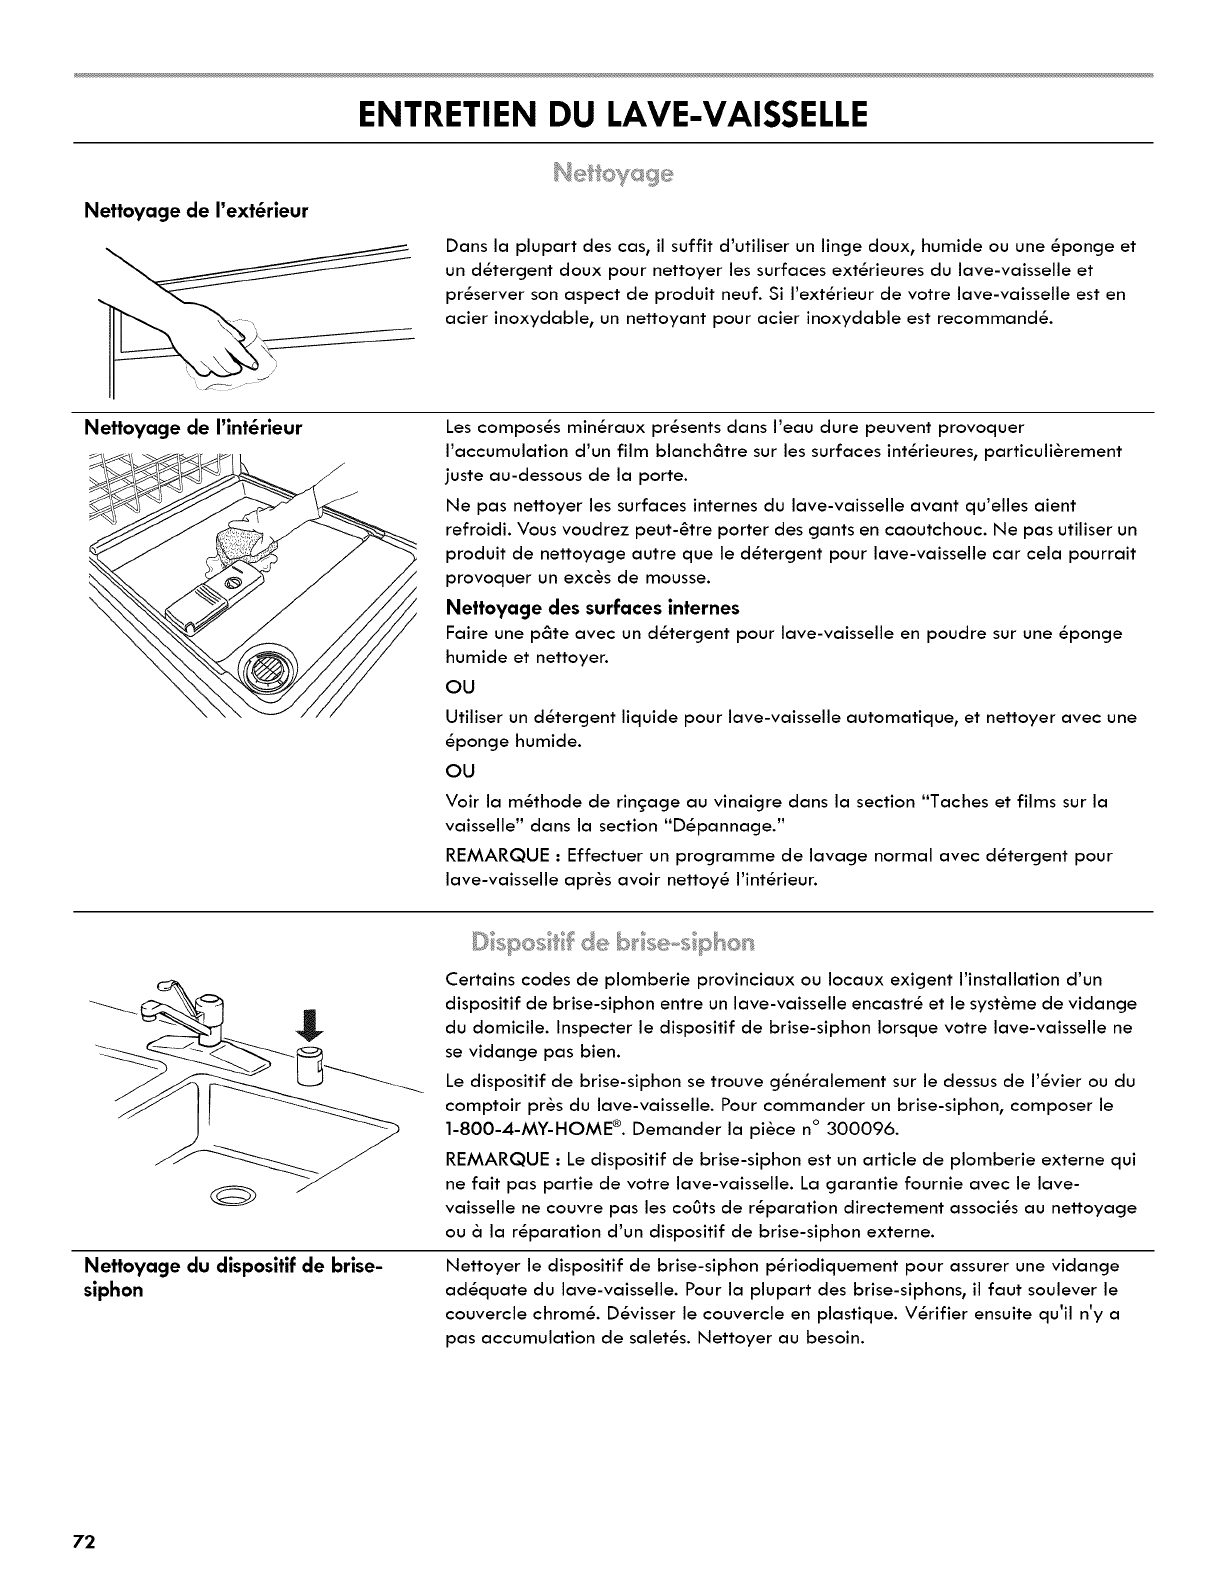 Nettoyer Interieur Lave Vaisselle kenmore 665.1404 entretien du lave-vaisselle